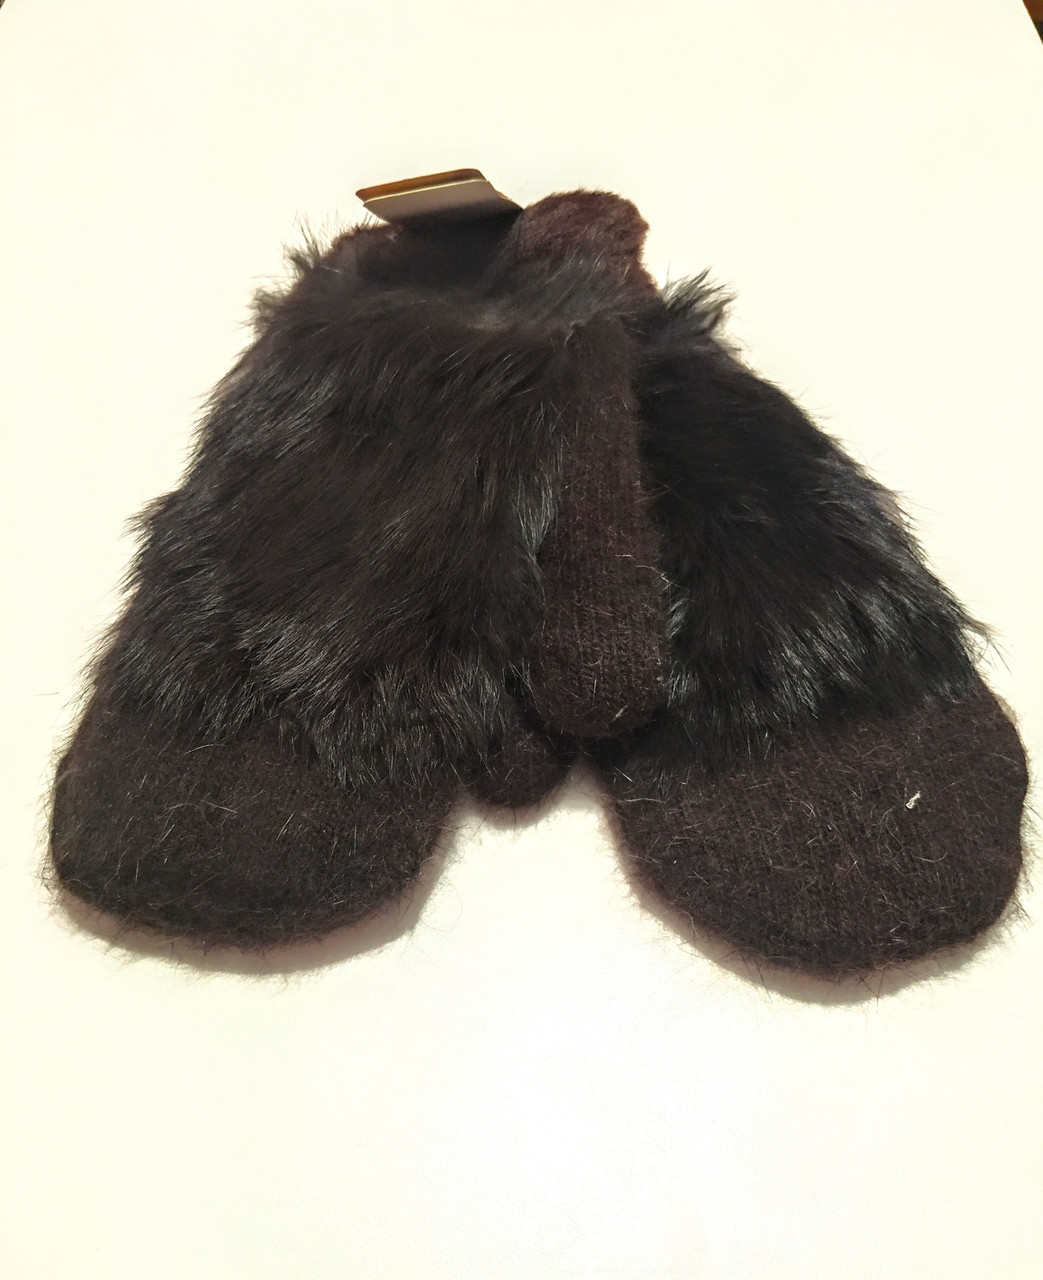 Варежки рукавички женские ангора на меху двойные шоколадные